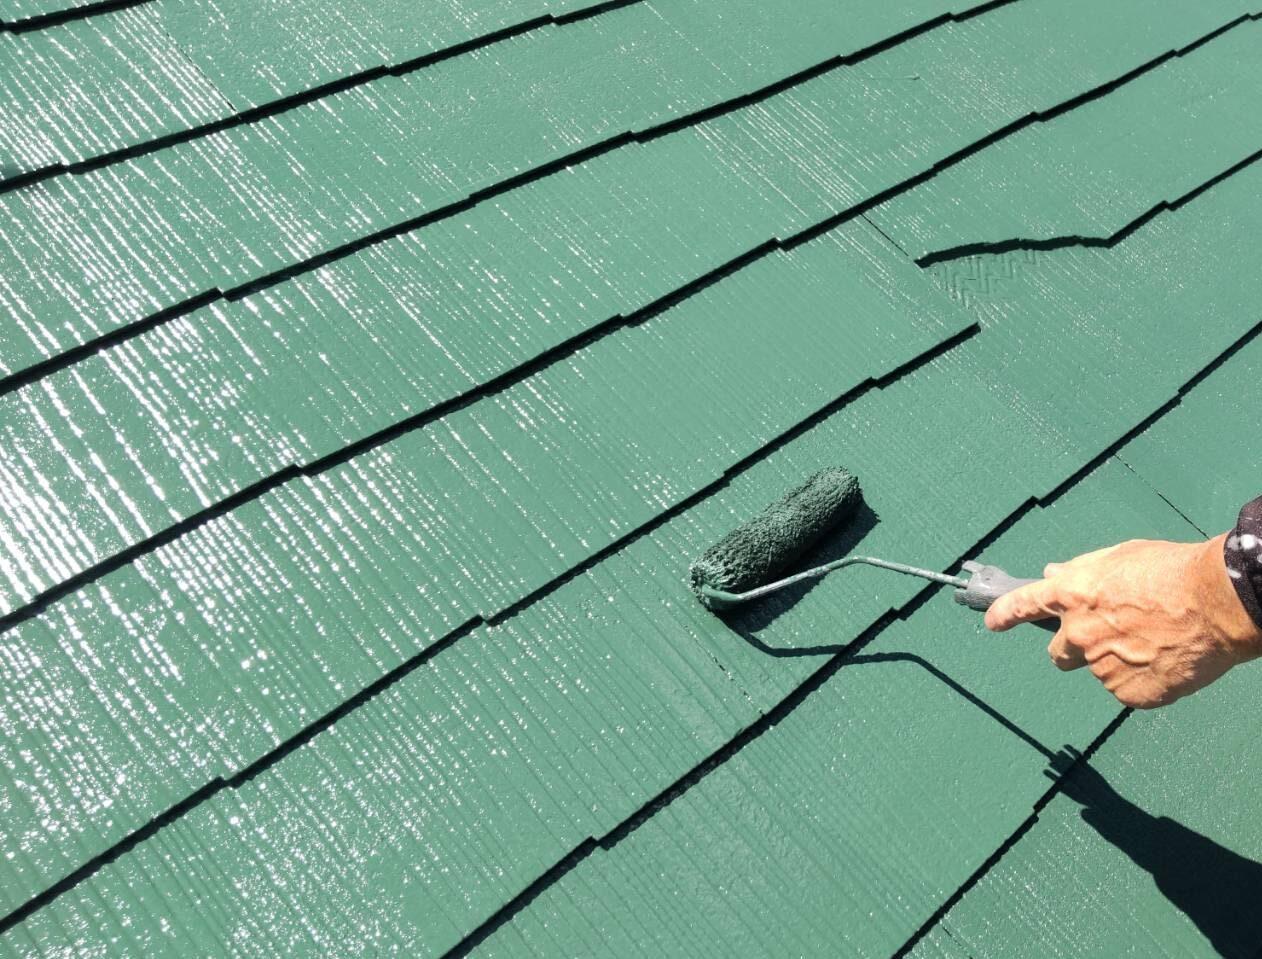 佐賀市 外壁と塗装 塗るばい 佐賀